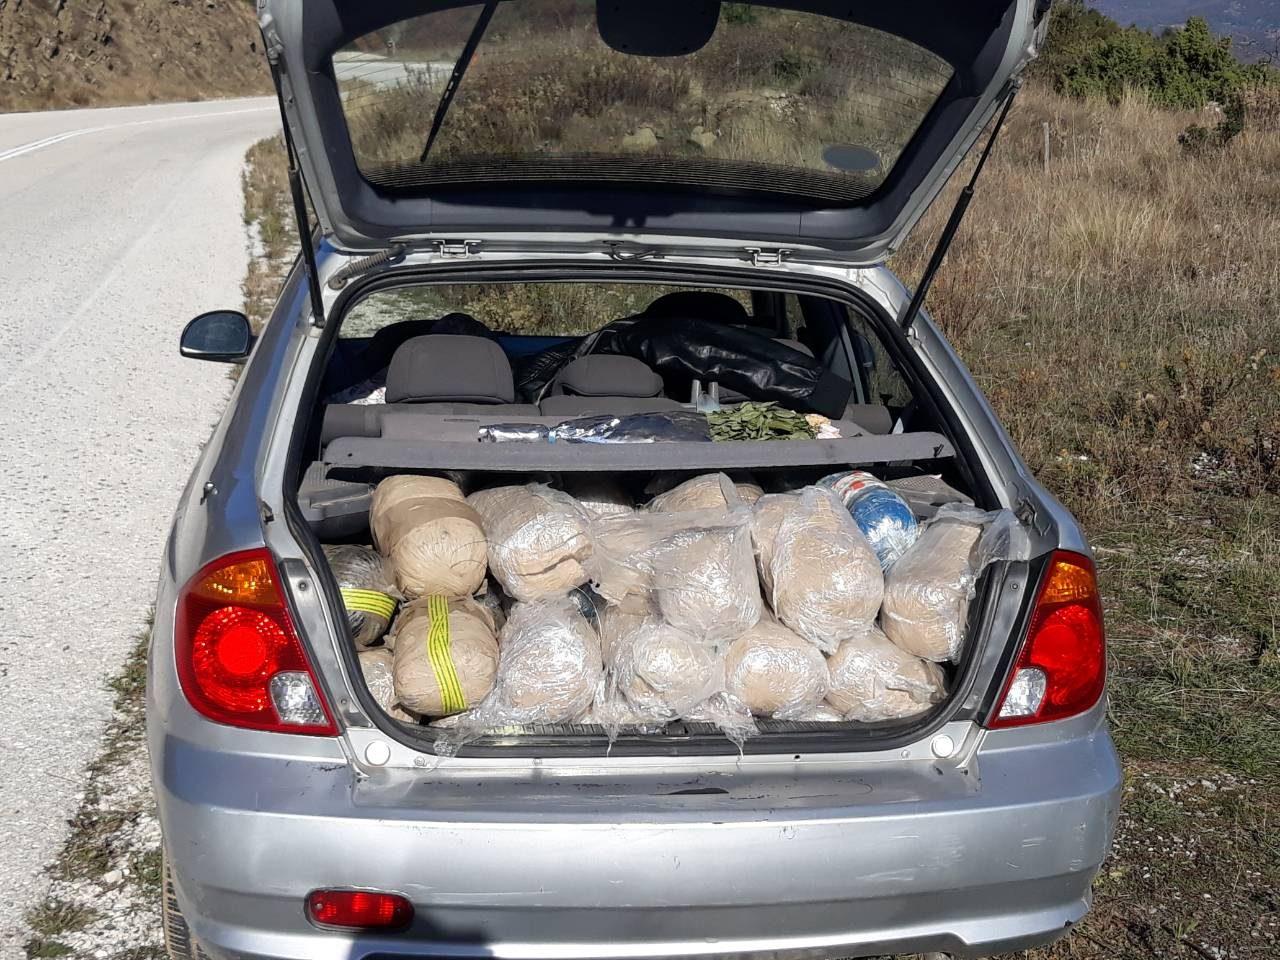 Εντοπίστηκε Ι.Χ.Ε. αυτοκίνητο στο Δρίσκο Ιωαννίνων με περισσότερα απο 100 κιλά κάνναβης [φωτο ΕΛ.ΑΣ]